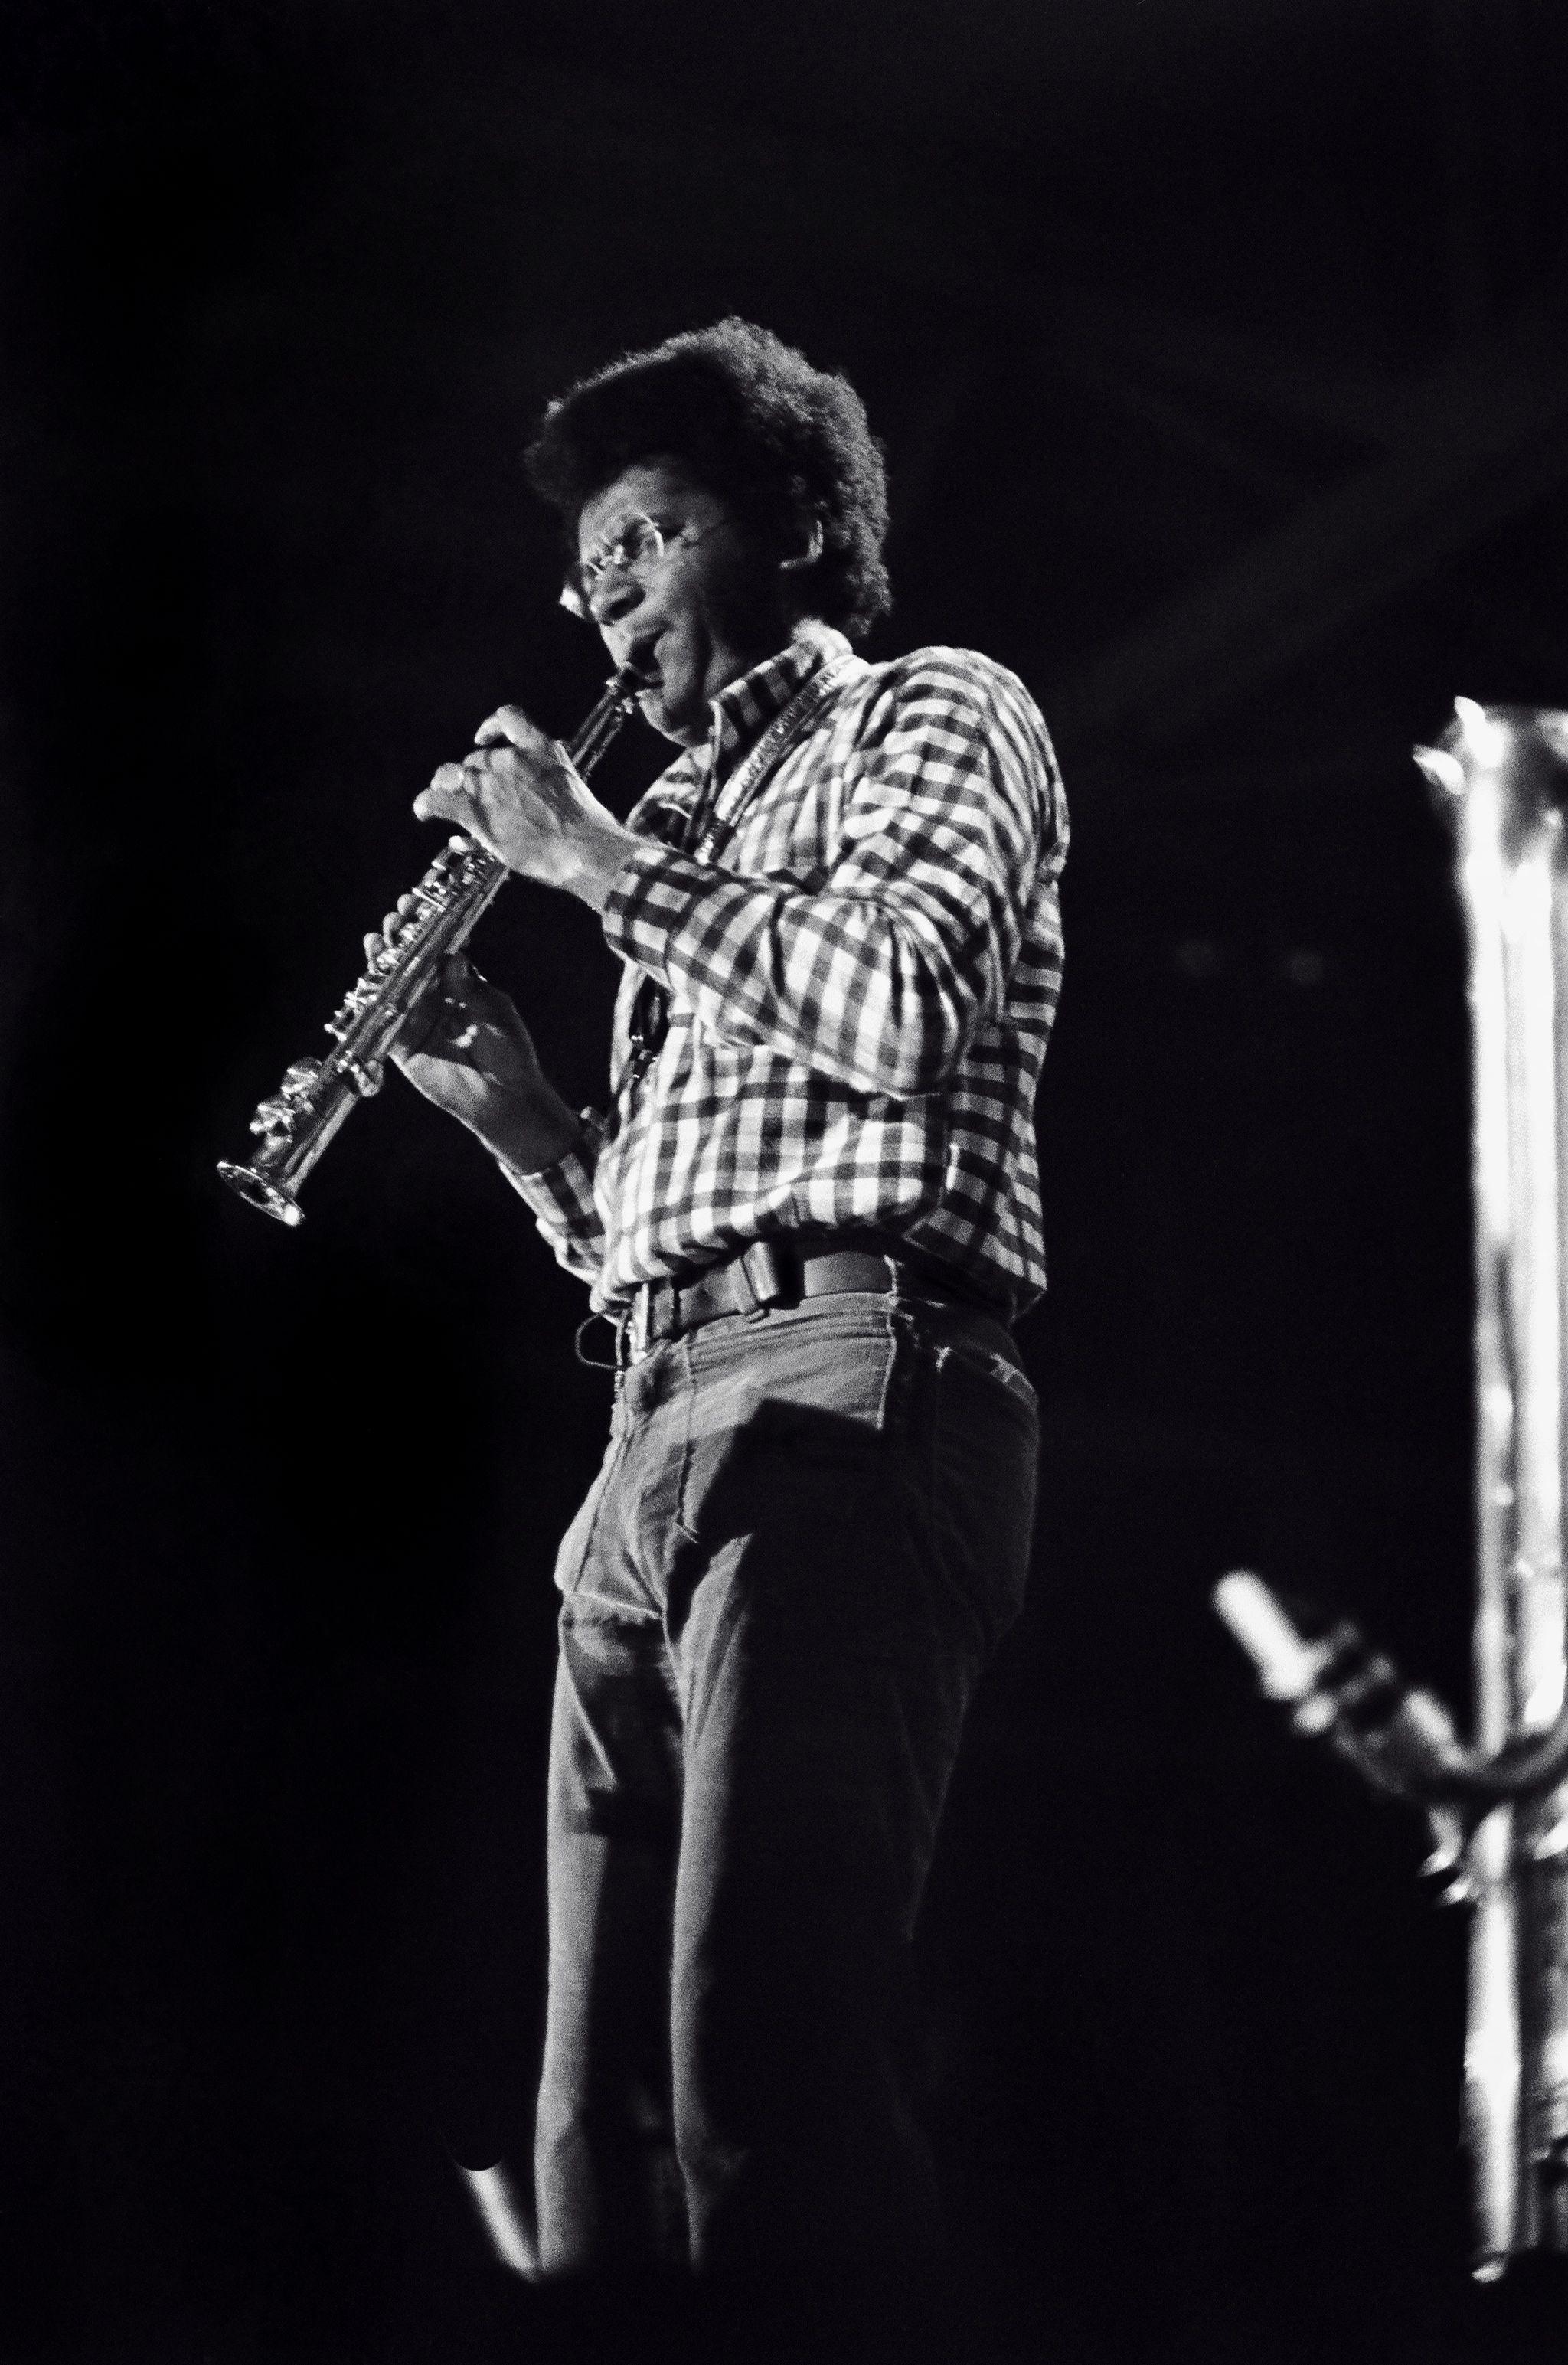 Anthony Braxton - saxophone